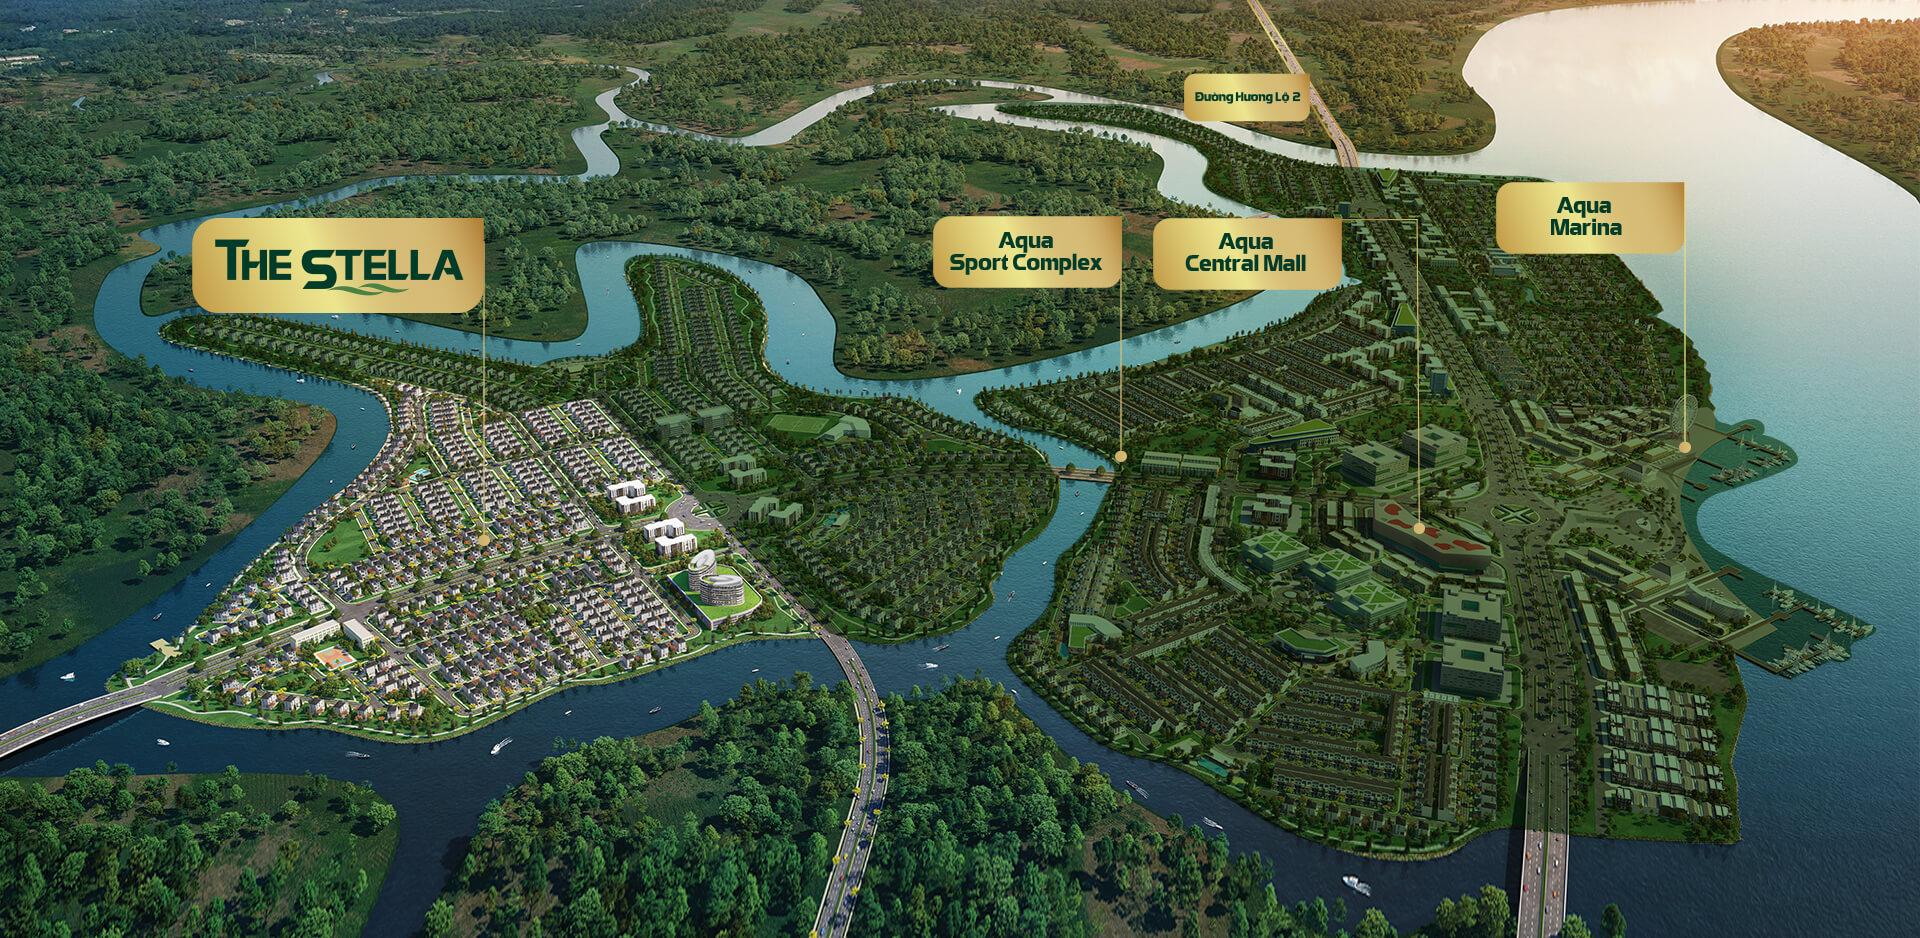 Phân khu Stella dự án Aqua City Novaland Đồng Nai